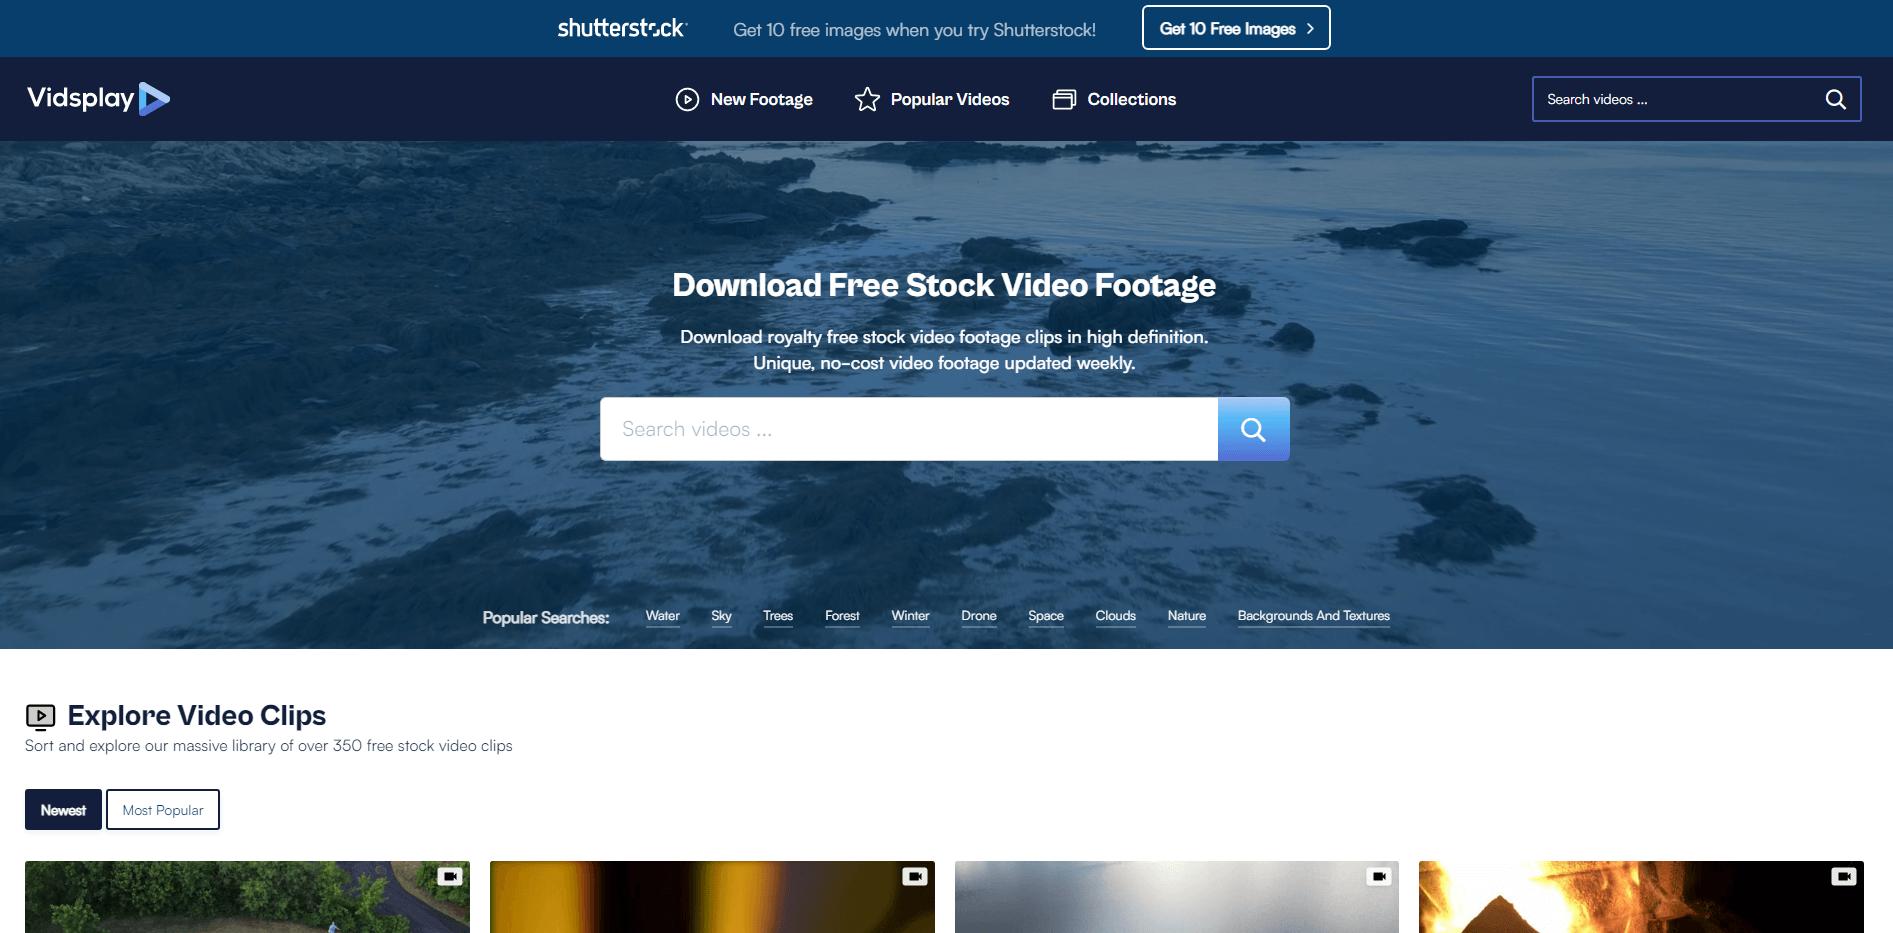 1080p HD videos